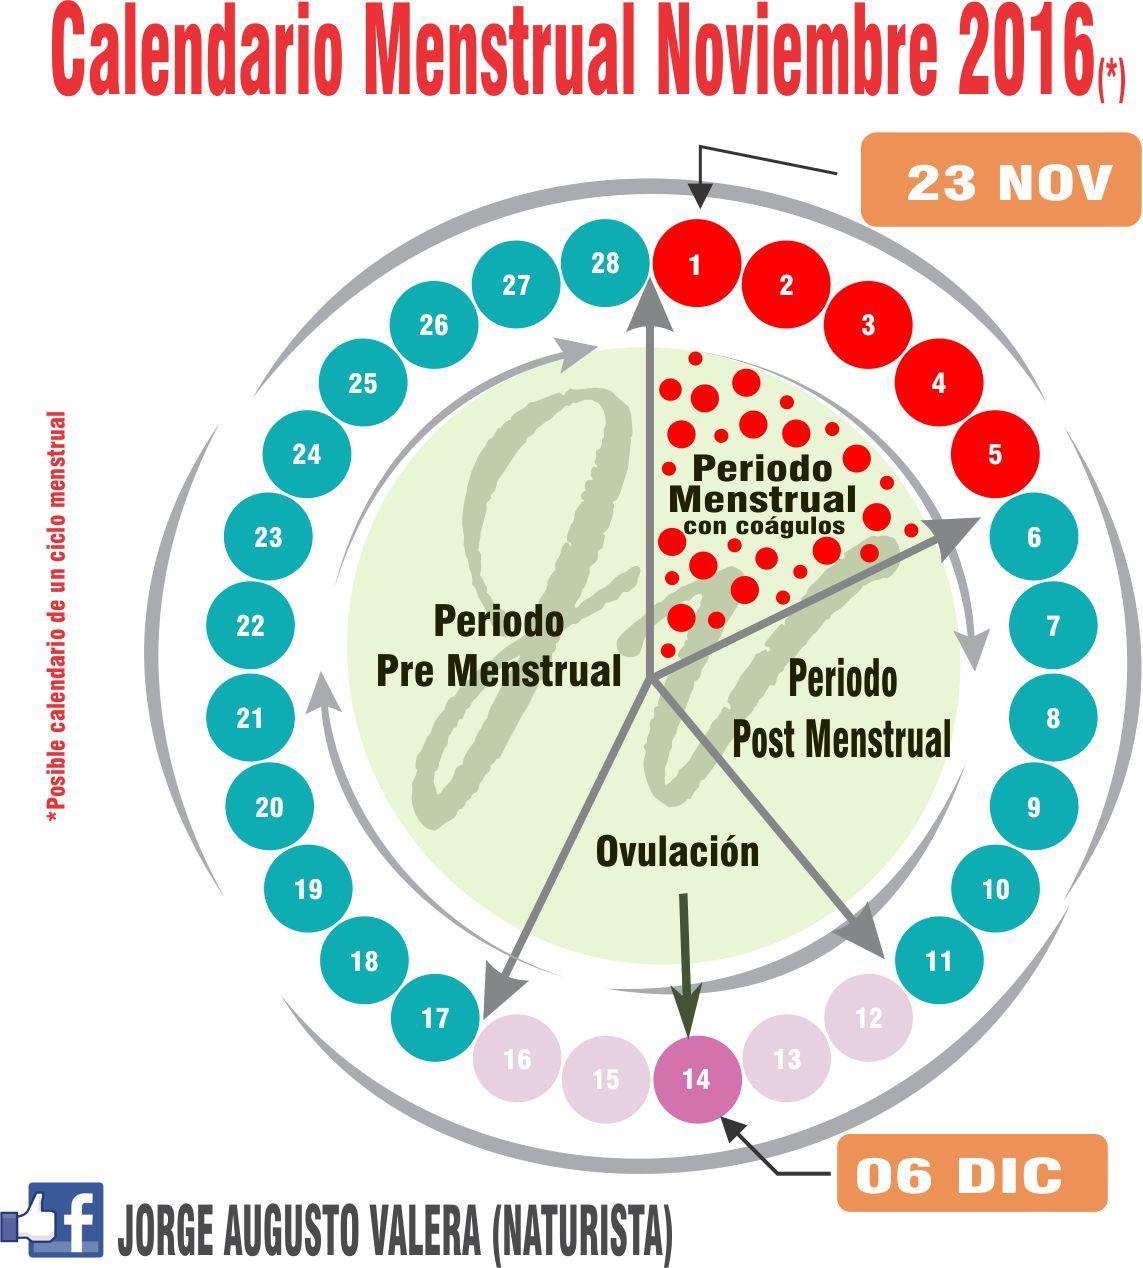 Miomas Ciclo Menstrual Analisis De Embarazo Ciclo Menstrual Uterina